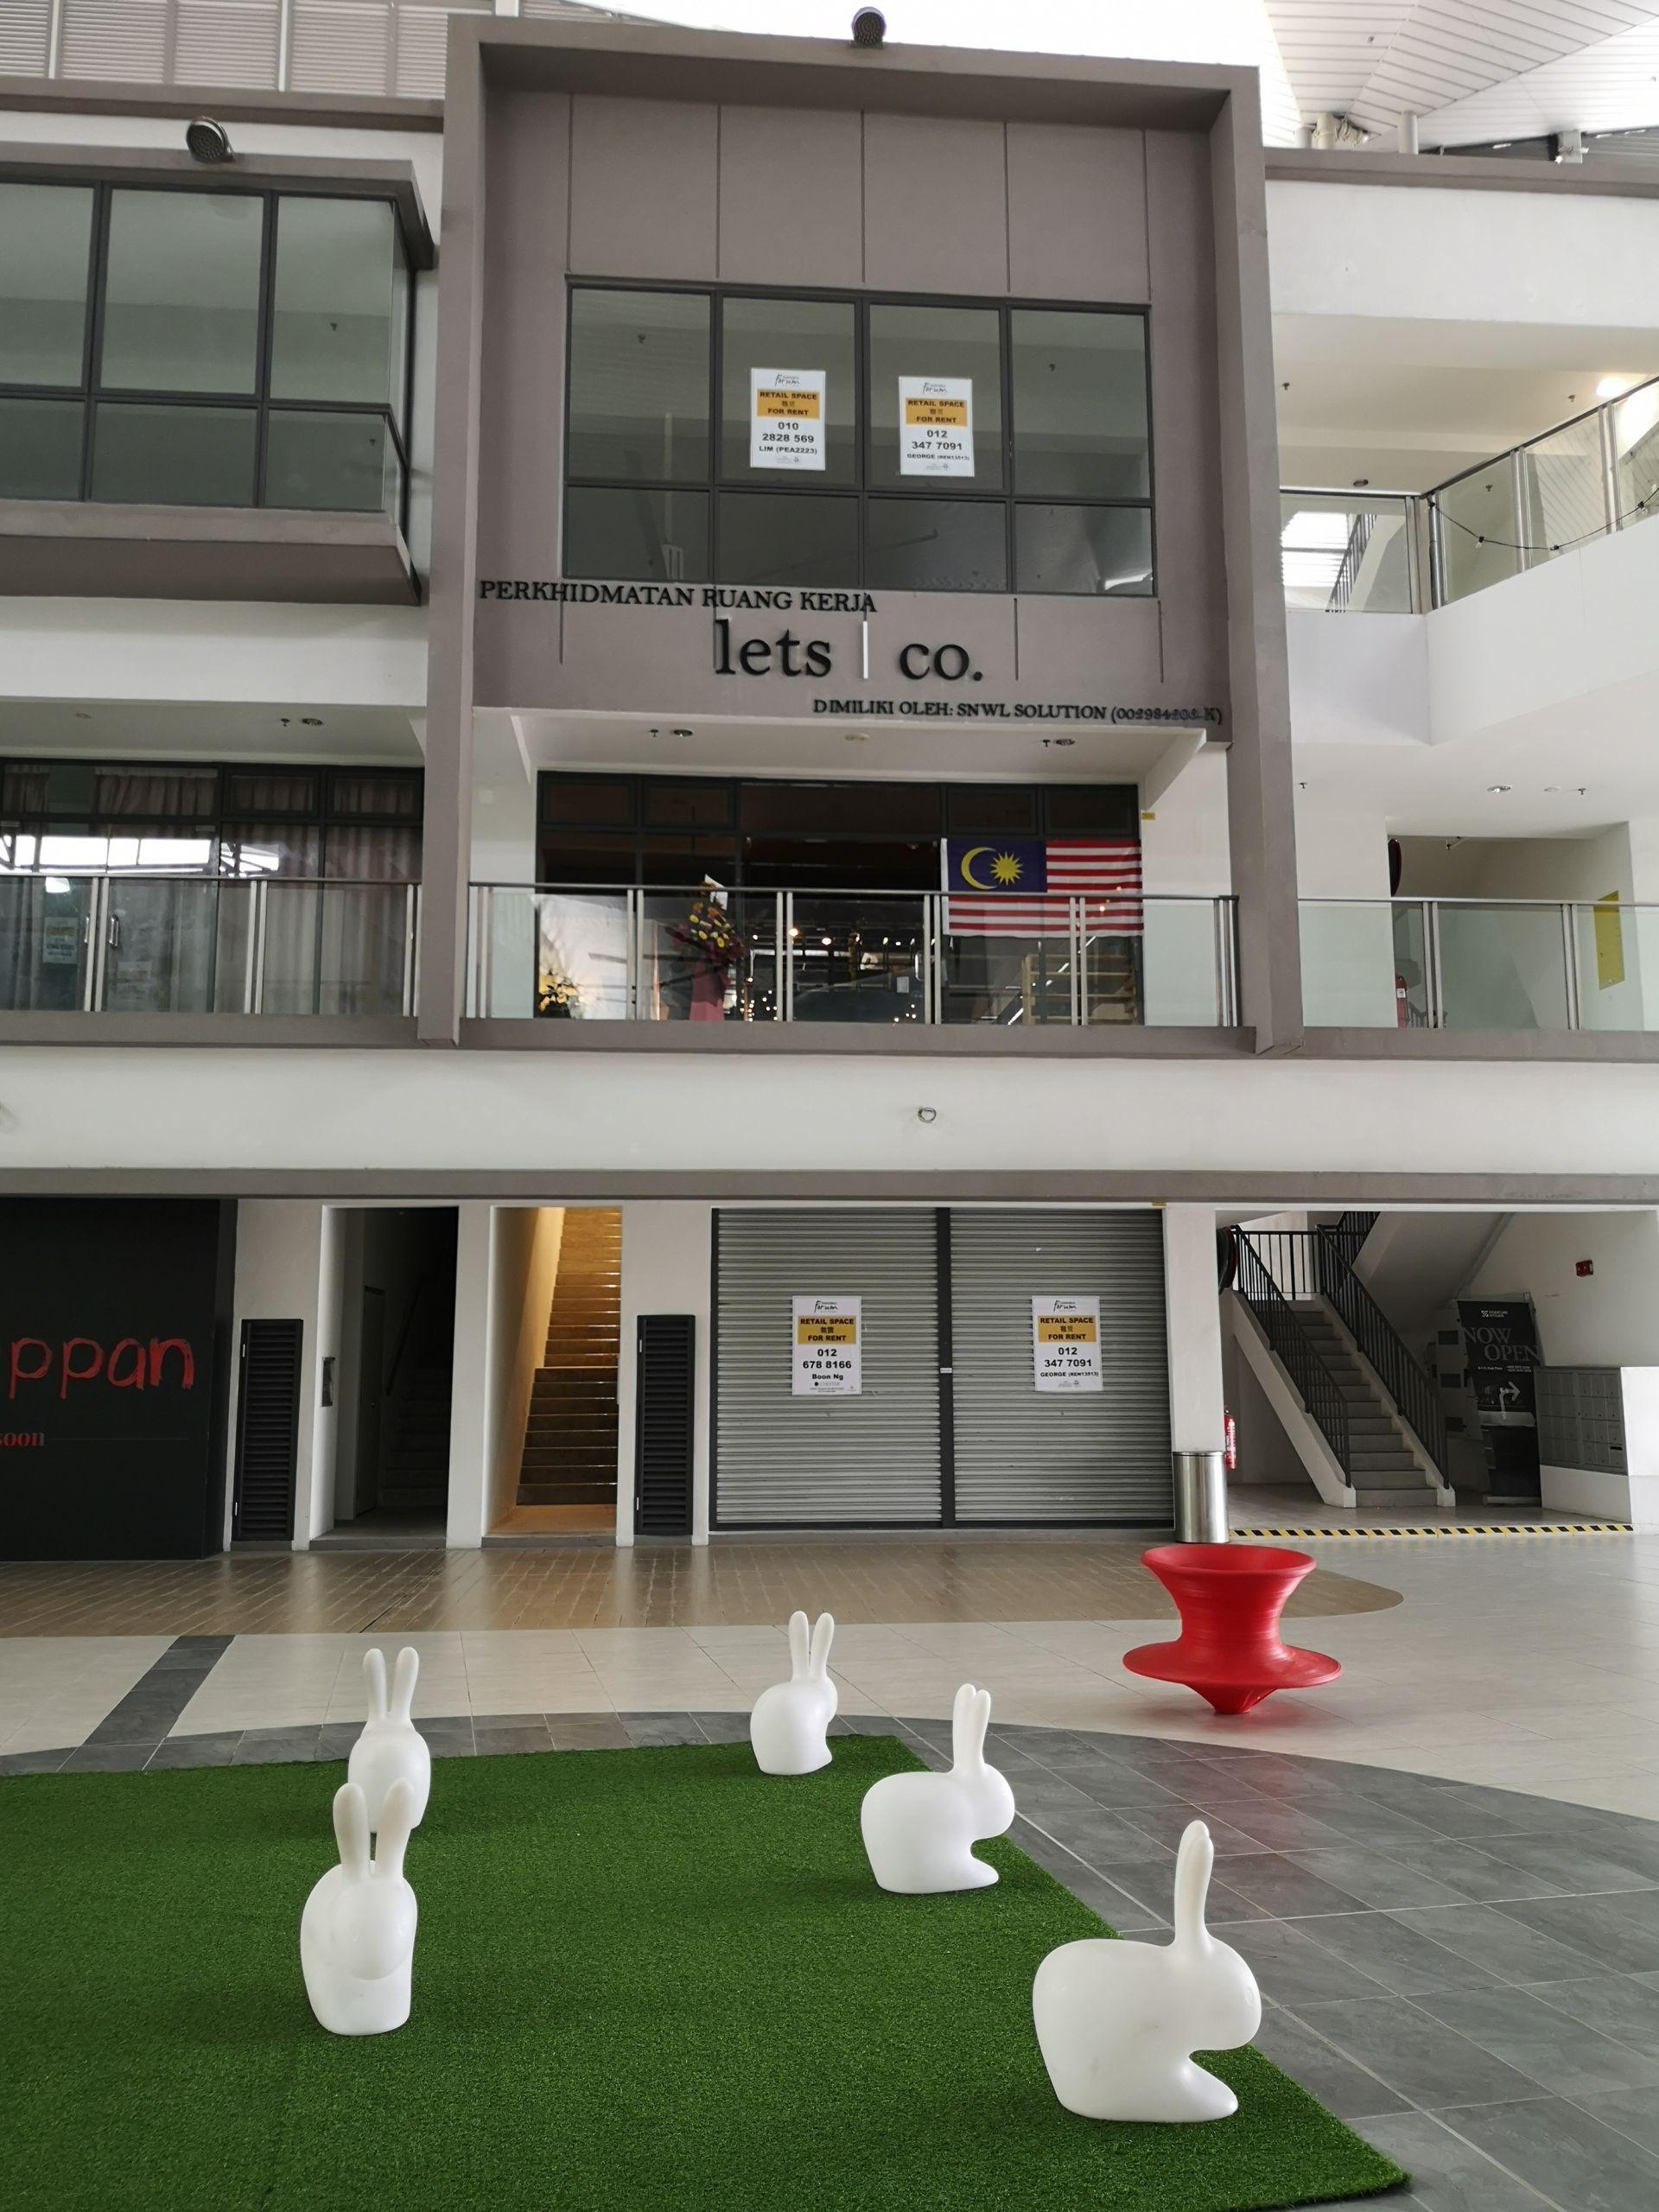 Lets Co., Shah Alam